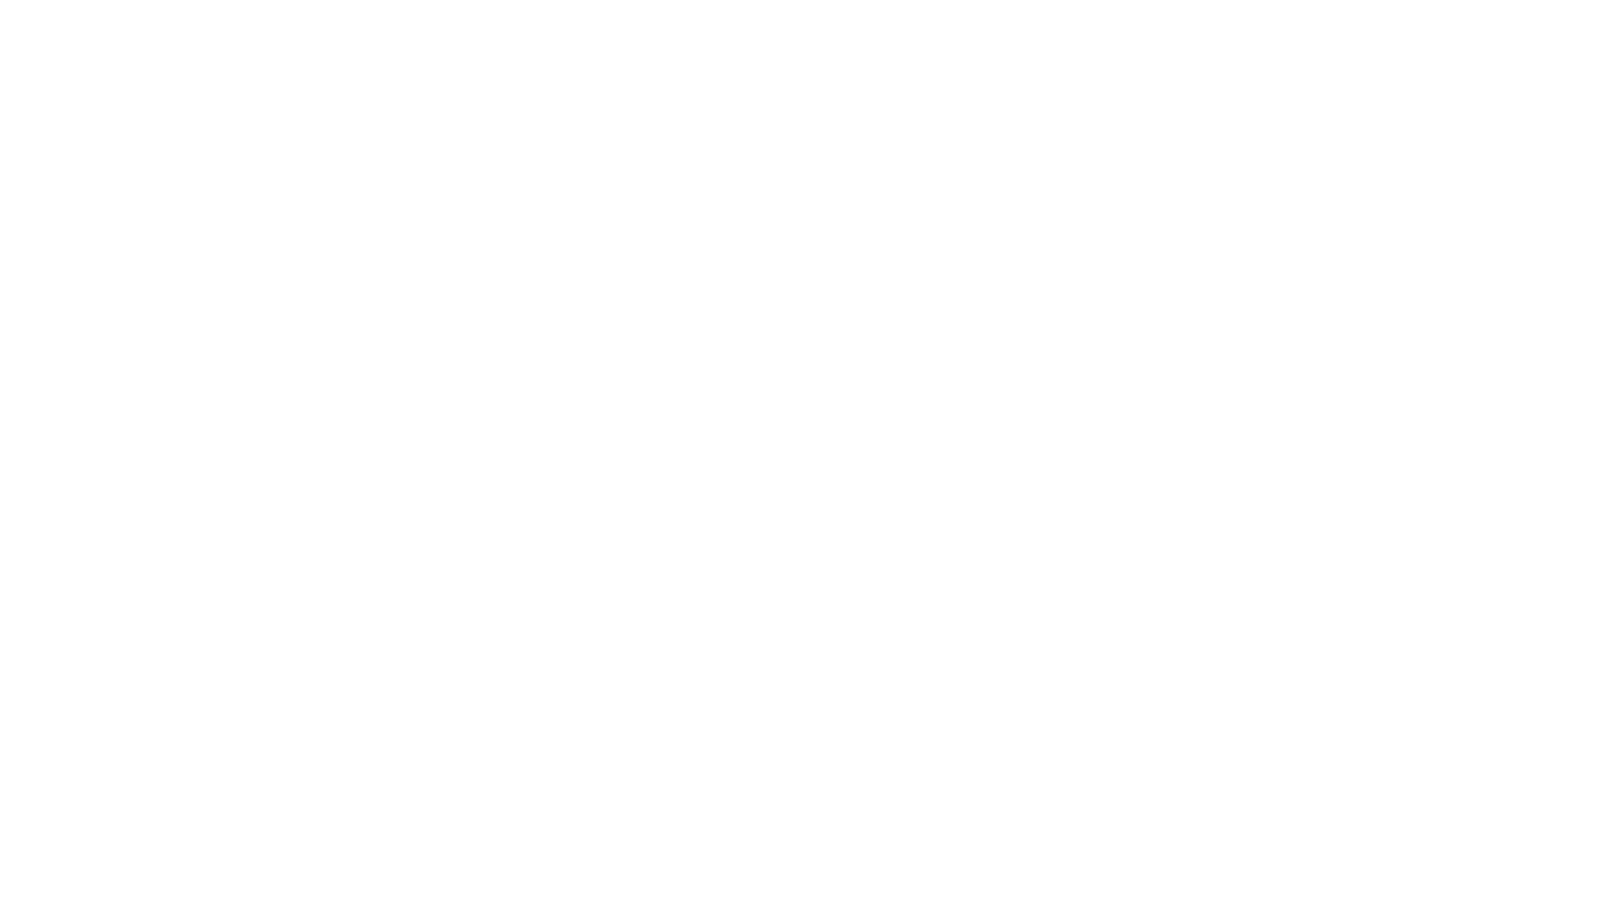 🔴 Ougasheli.com , le site des bonnes recettes facile à realiser pourr toute la famille : https://ougasheli.com/ 🔴 Infos Israel News , le site le plus répandu dans la communauté Franco-israélienne, lié aux infos en direct depuis Israel : https://infos-israel.news/ 🔴 Rak Be Israel, le site qui montre toutes les qualités d'Israel et sa puissance technologique, médicale,  sciences, le top d'Israel : https://rakbeisrael.buzz/ 🔴 La Roulotte du Hayal (ou Sos Netivot)de Tsahal a été conçue pour nos soldats afin de leur offrir des journées de kif pendant leur service militaire de trois années en Israel : https://sosnetivot.com/ 🔴 Israel Chrono.com, le site de vente de produits locaux pour aider les petits commerçants situés en bordure de Gaza : https://israelchrono.com/